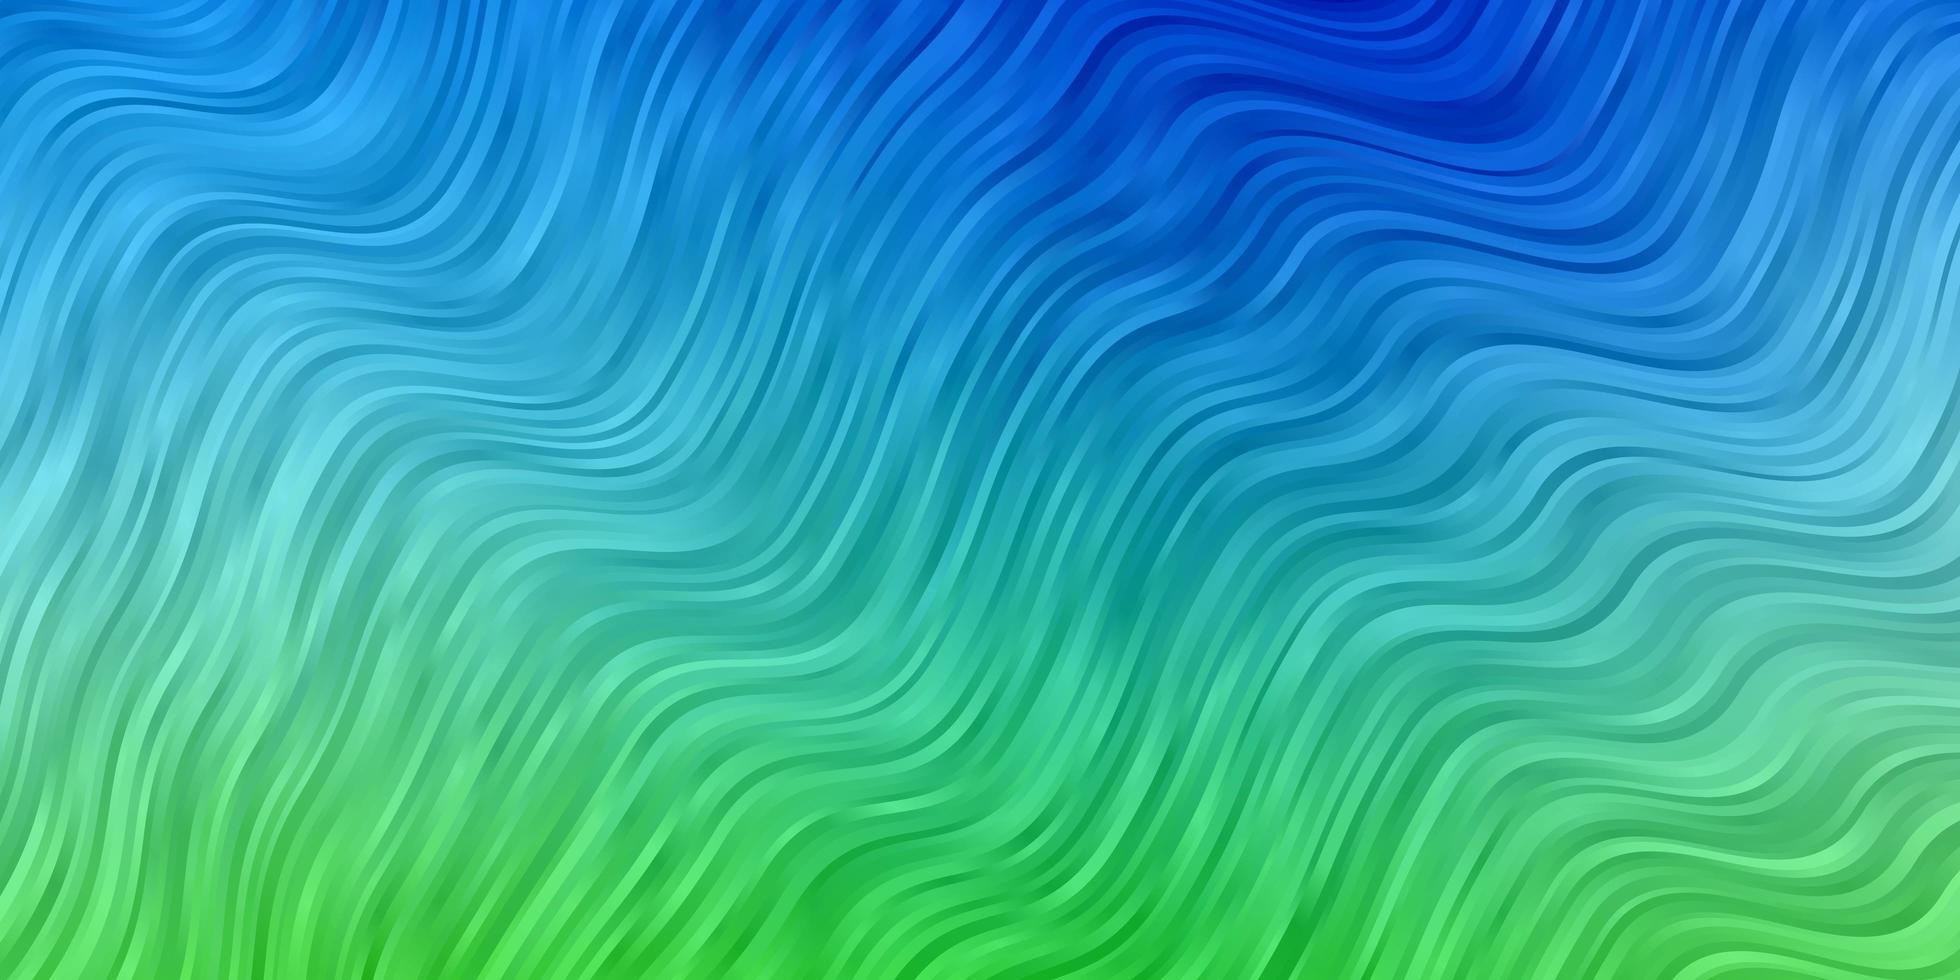 padrão azul e verde com linhas curvas. vetor